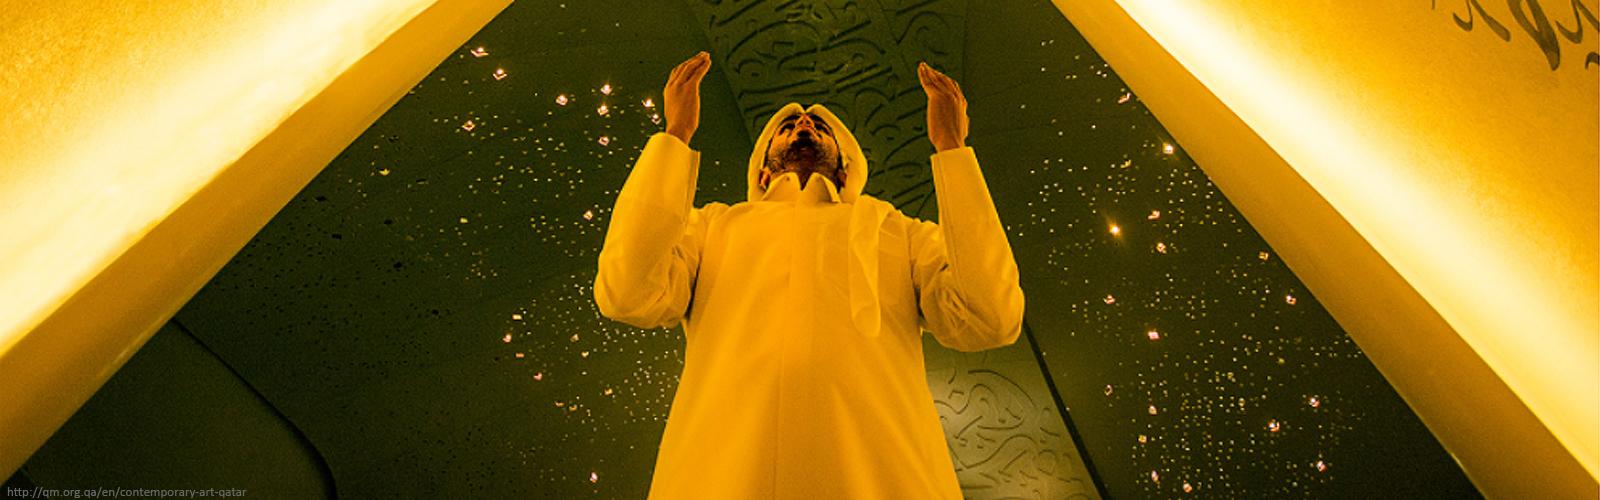 zeitgenössische Kunst aus Katar